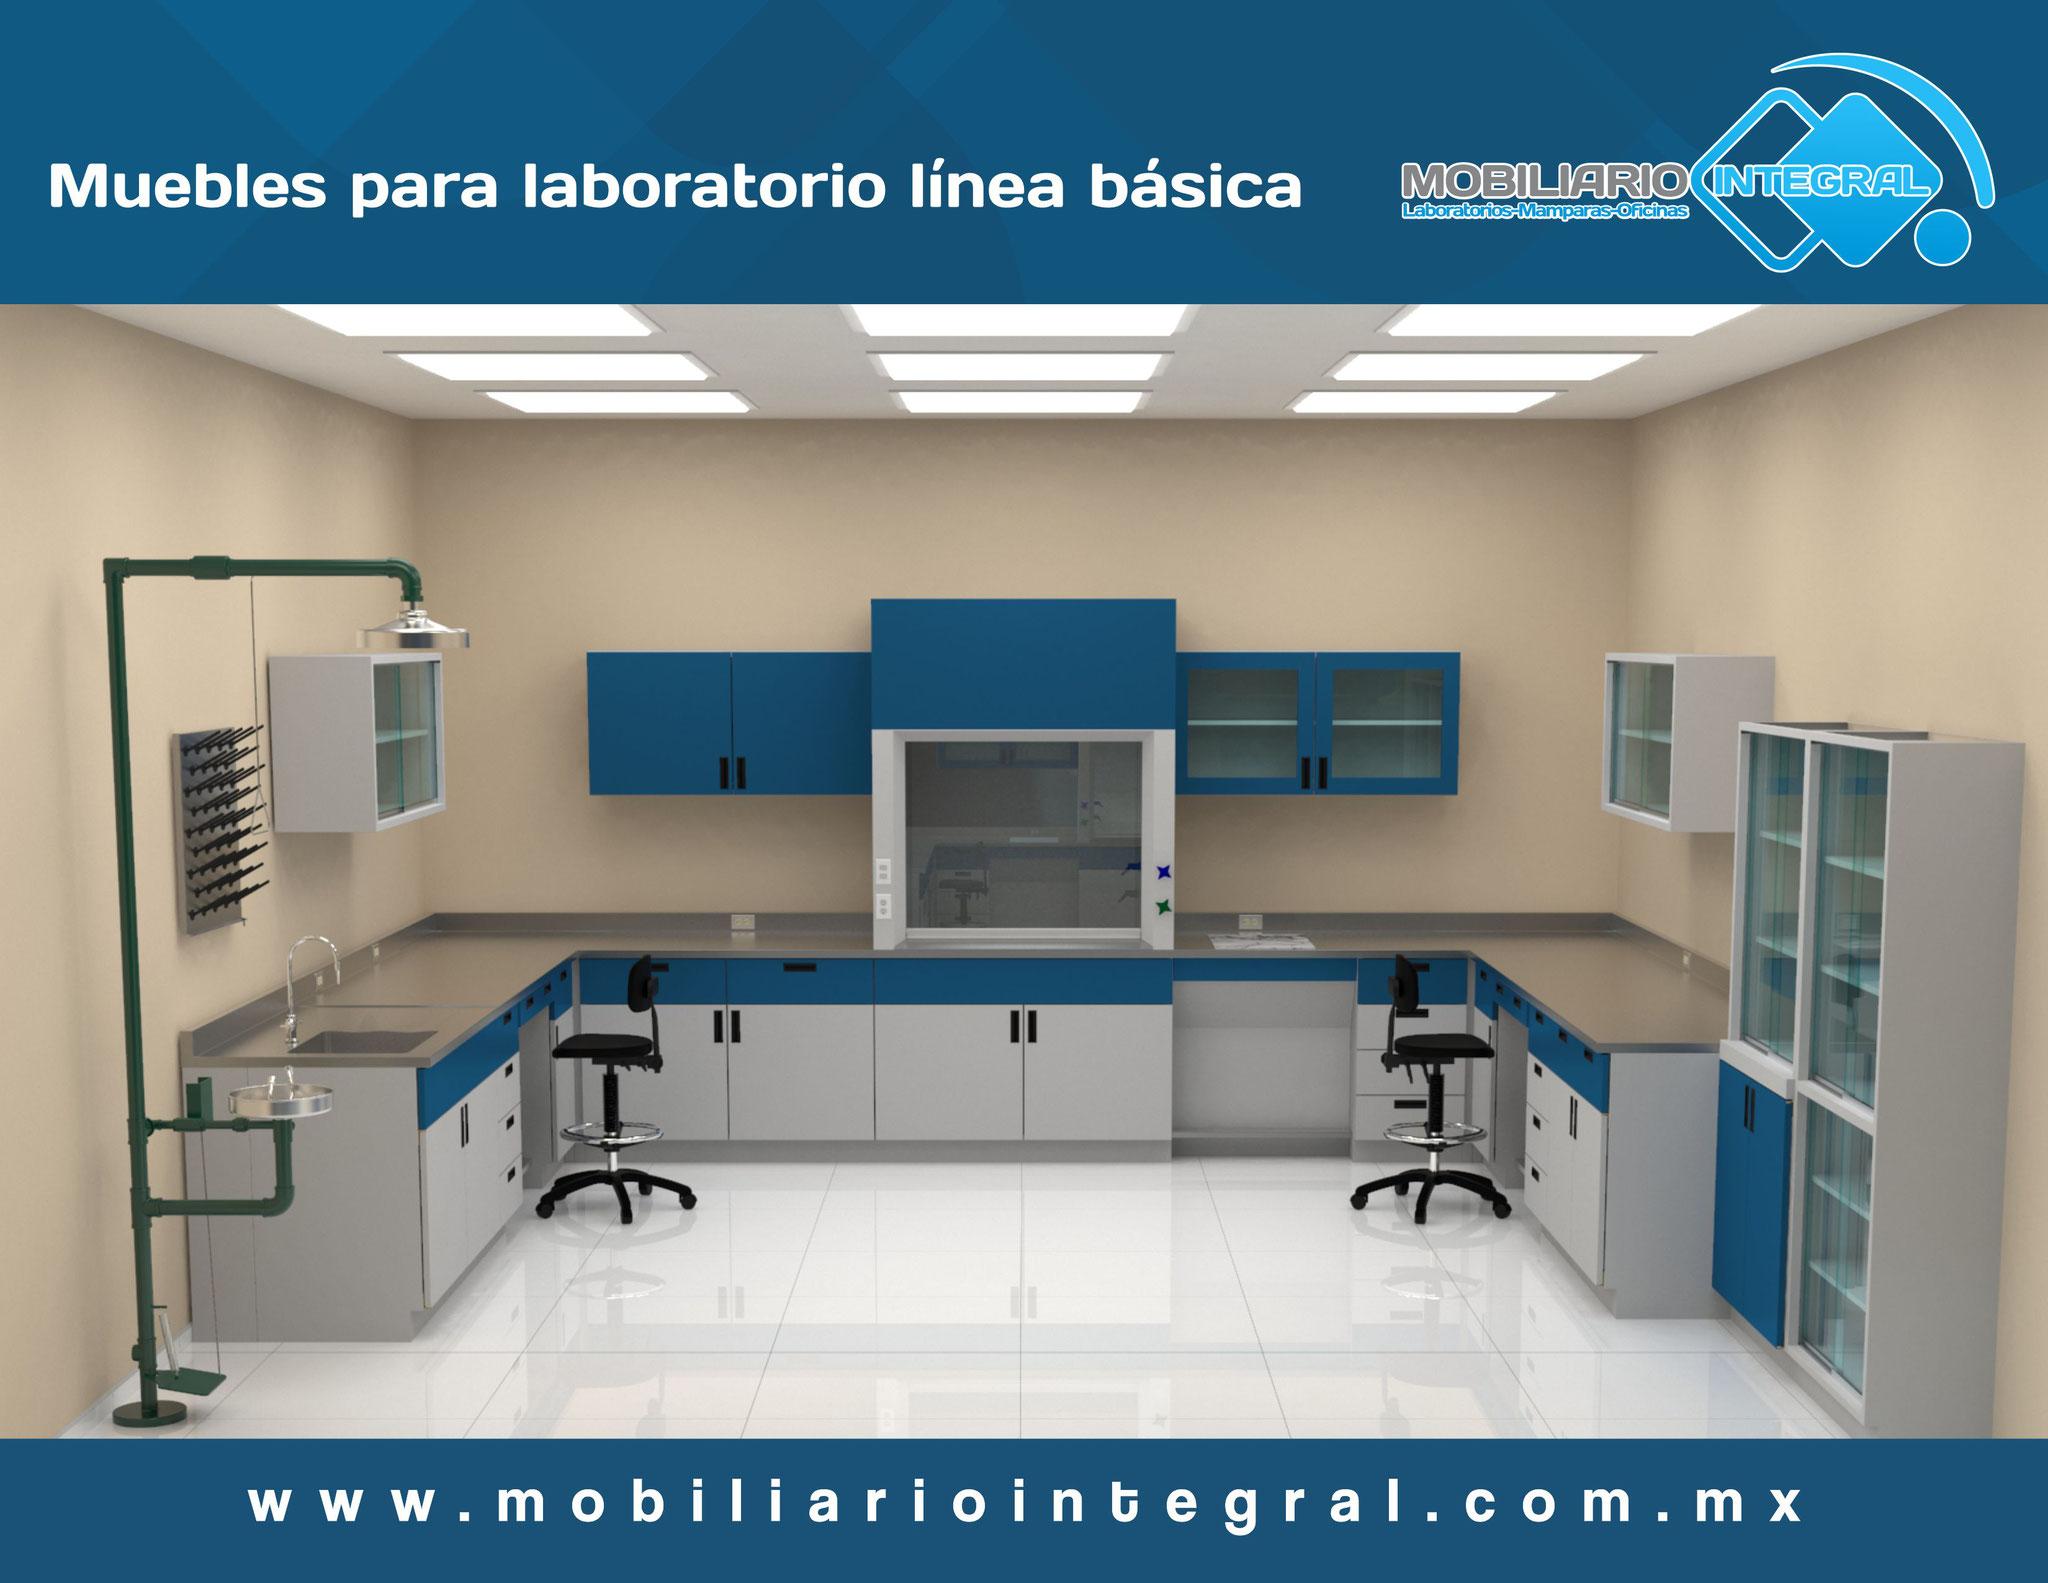 Muebles para laboratorio en Quintana Roo